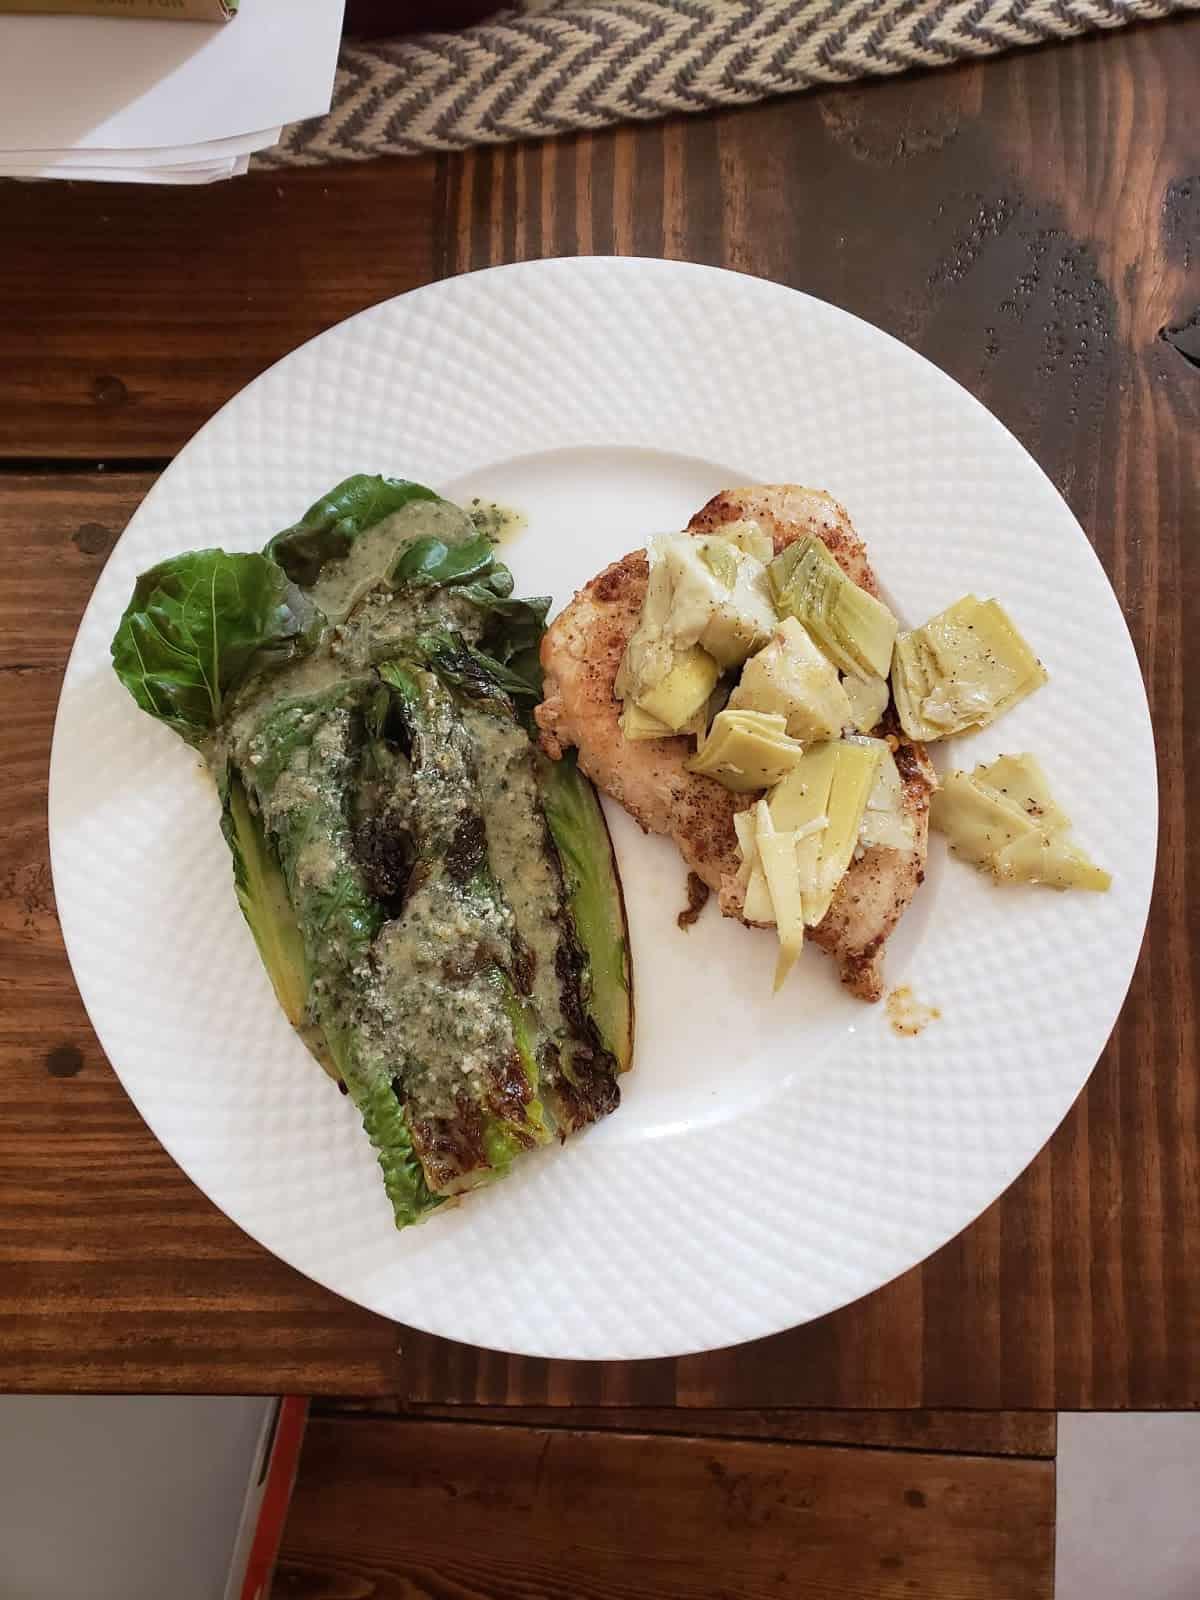 Harissa-Rubbed Chicken with Artichoke Tapenade and Seared Romaine